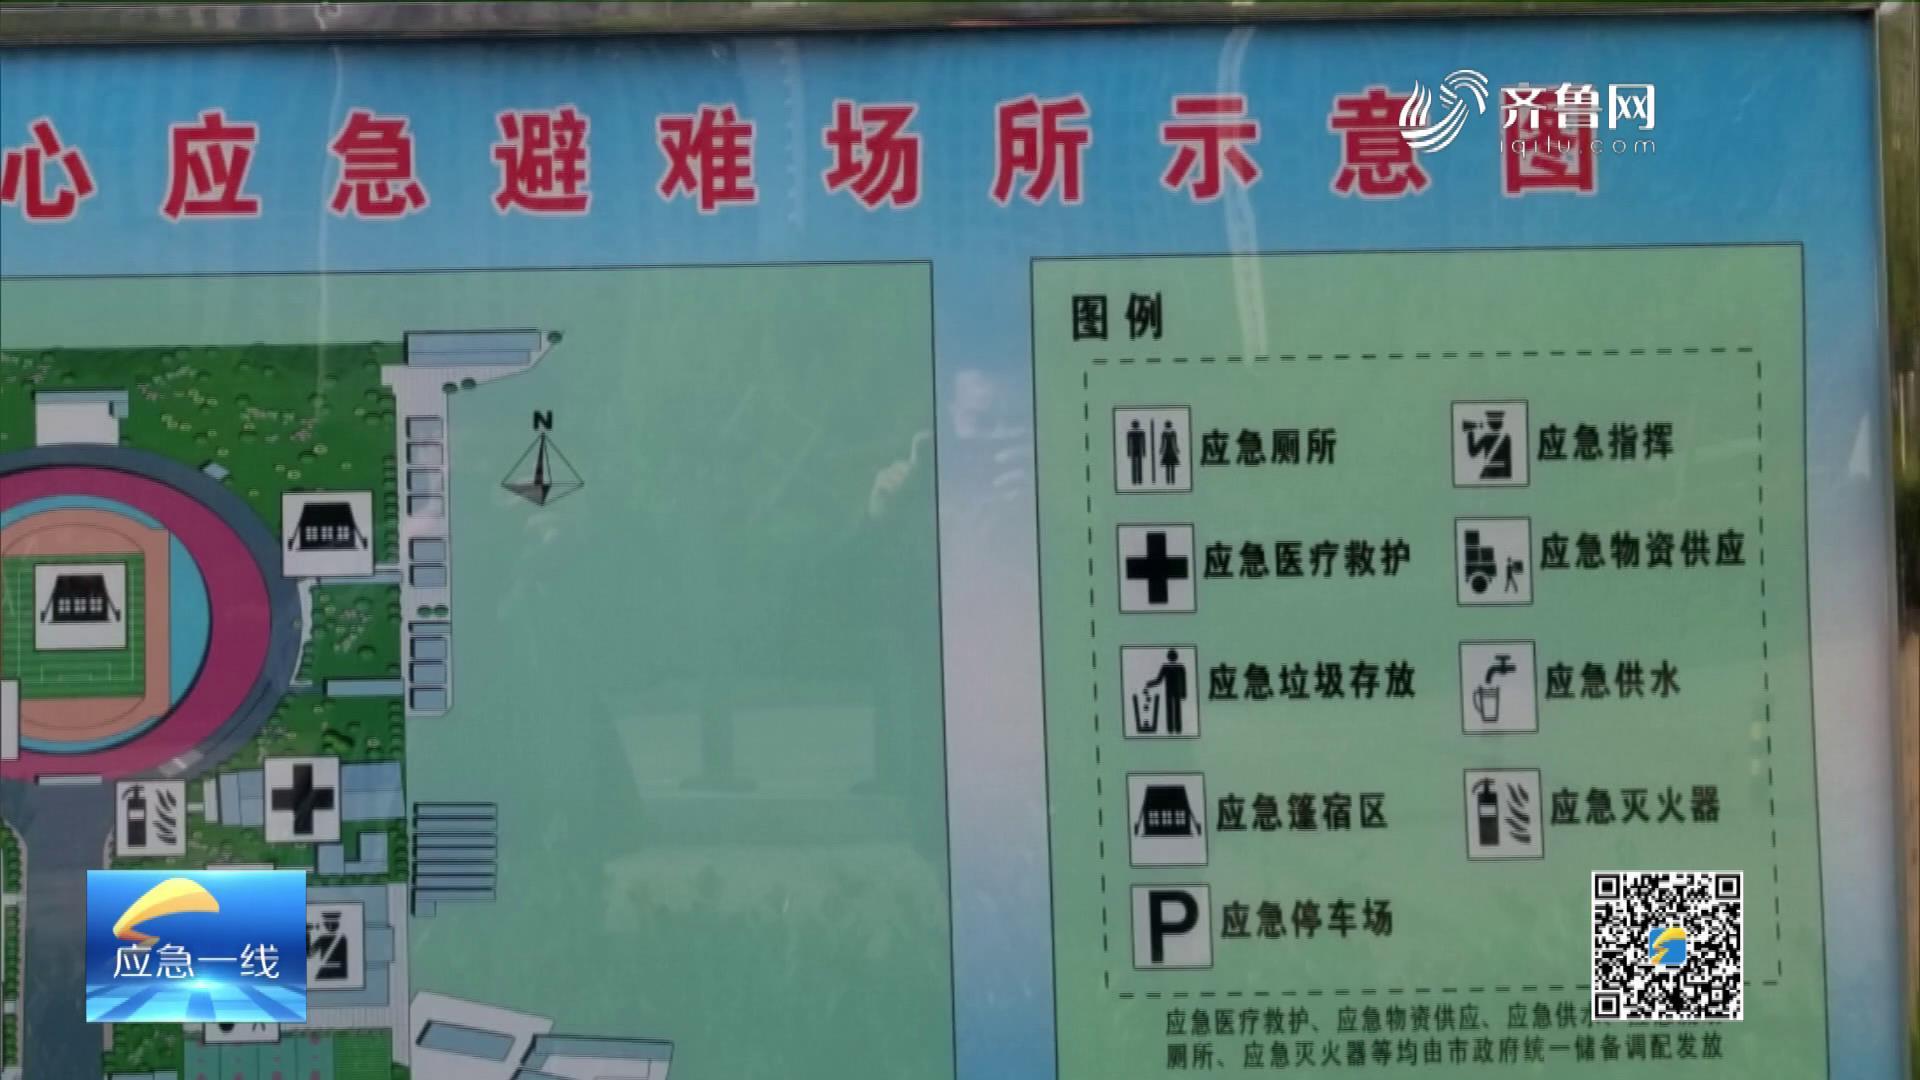 《应急在线》20210516:泰安市体育中心应急设施将重新规划